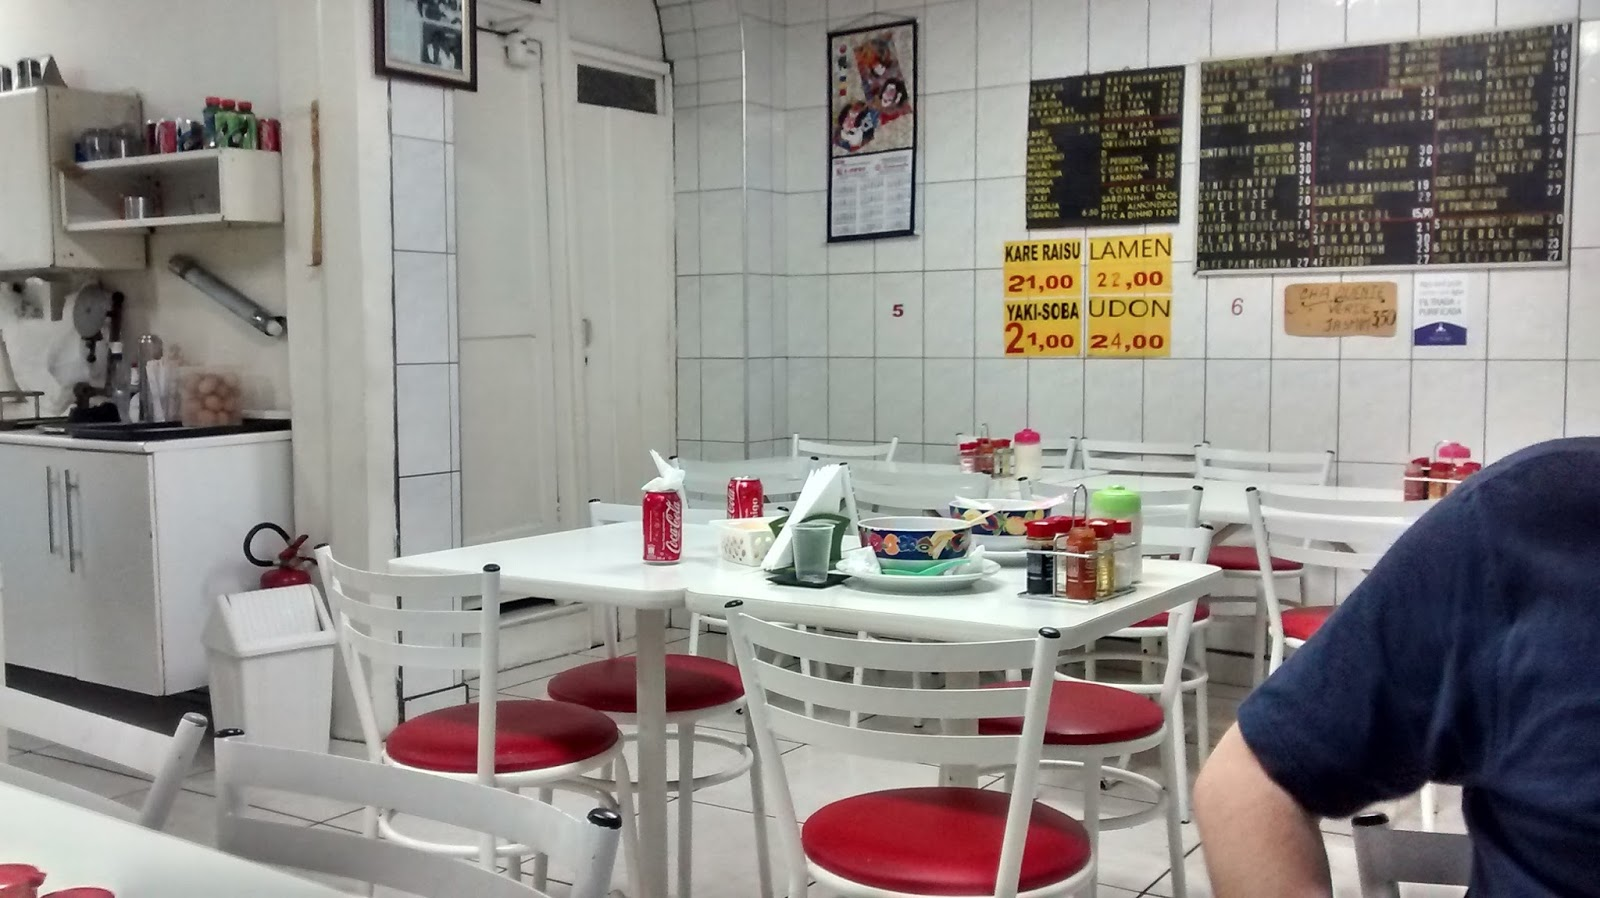 lugares para ir em sp,onde comer em sp,onde comer em sao paulo, restaurante japones sp